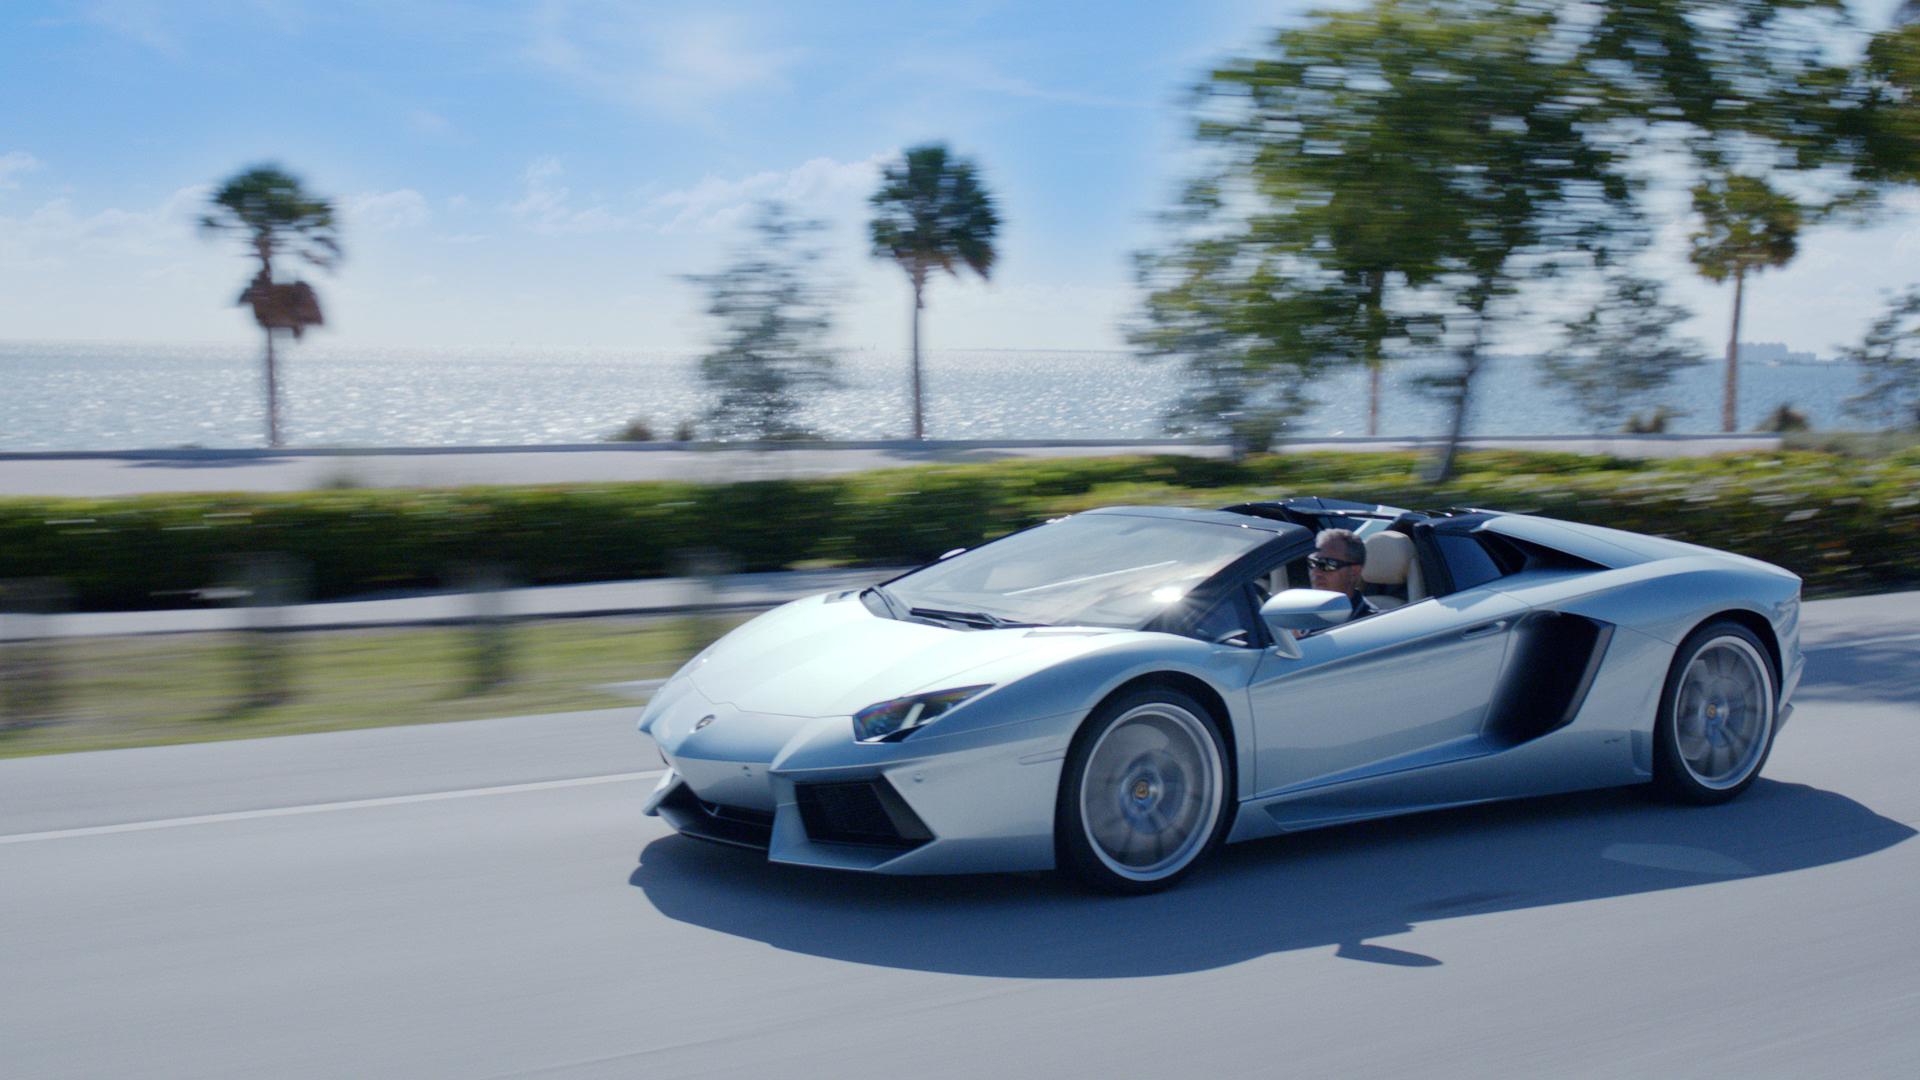 Lamborghini_Aentador4444_060213_00978.jpg